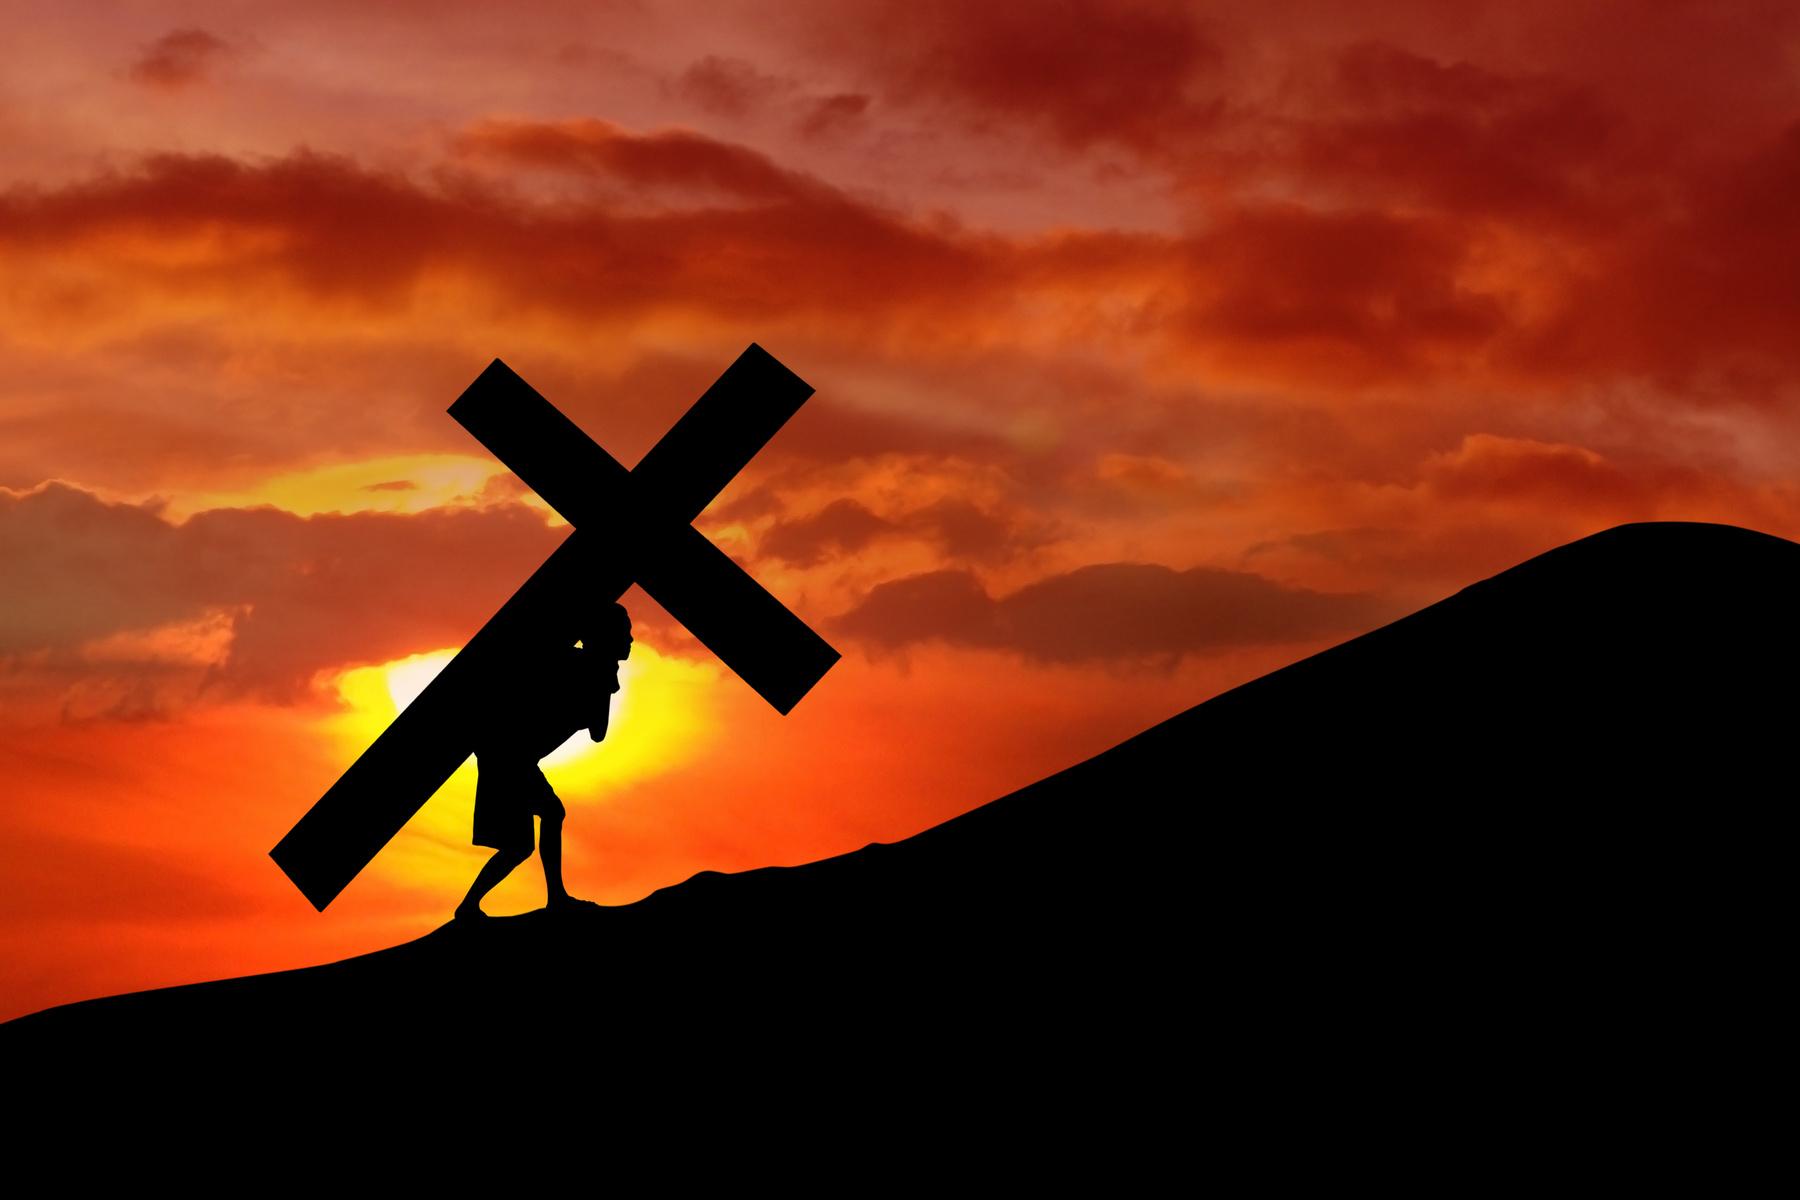 Jesus carrying cross